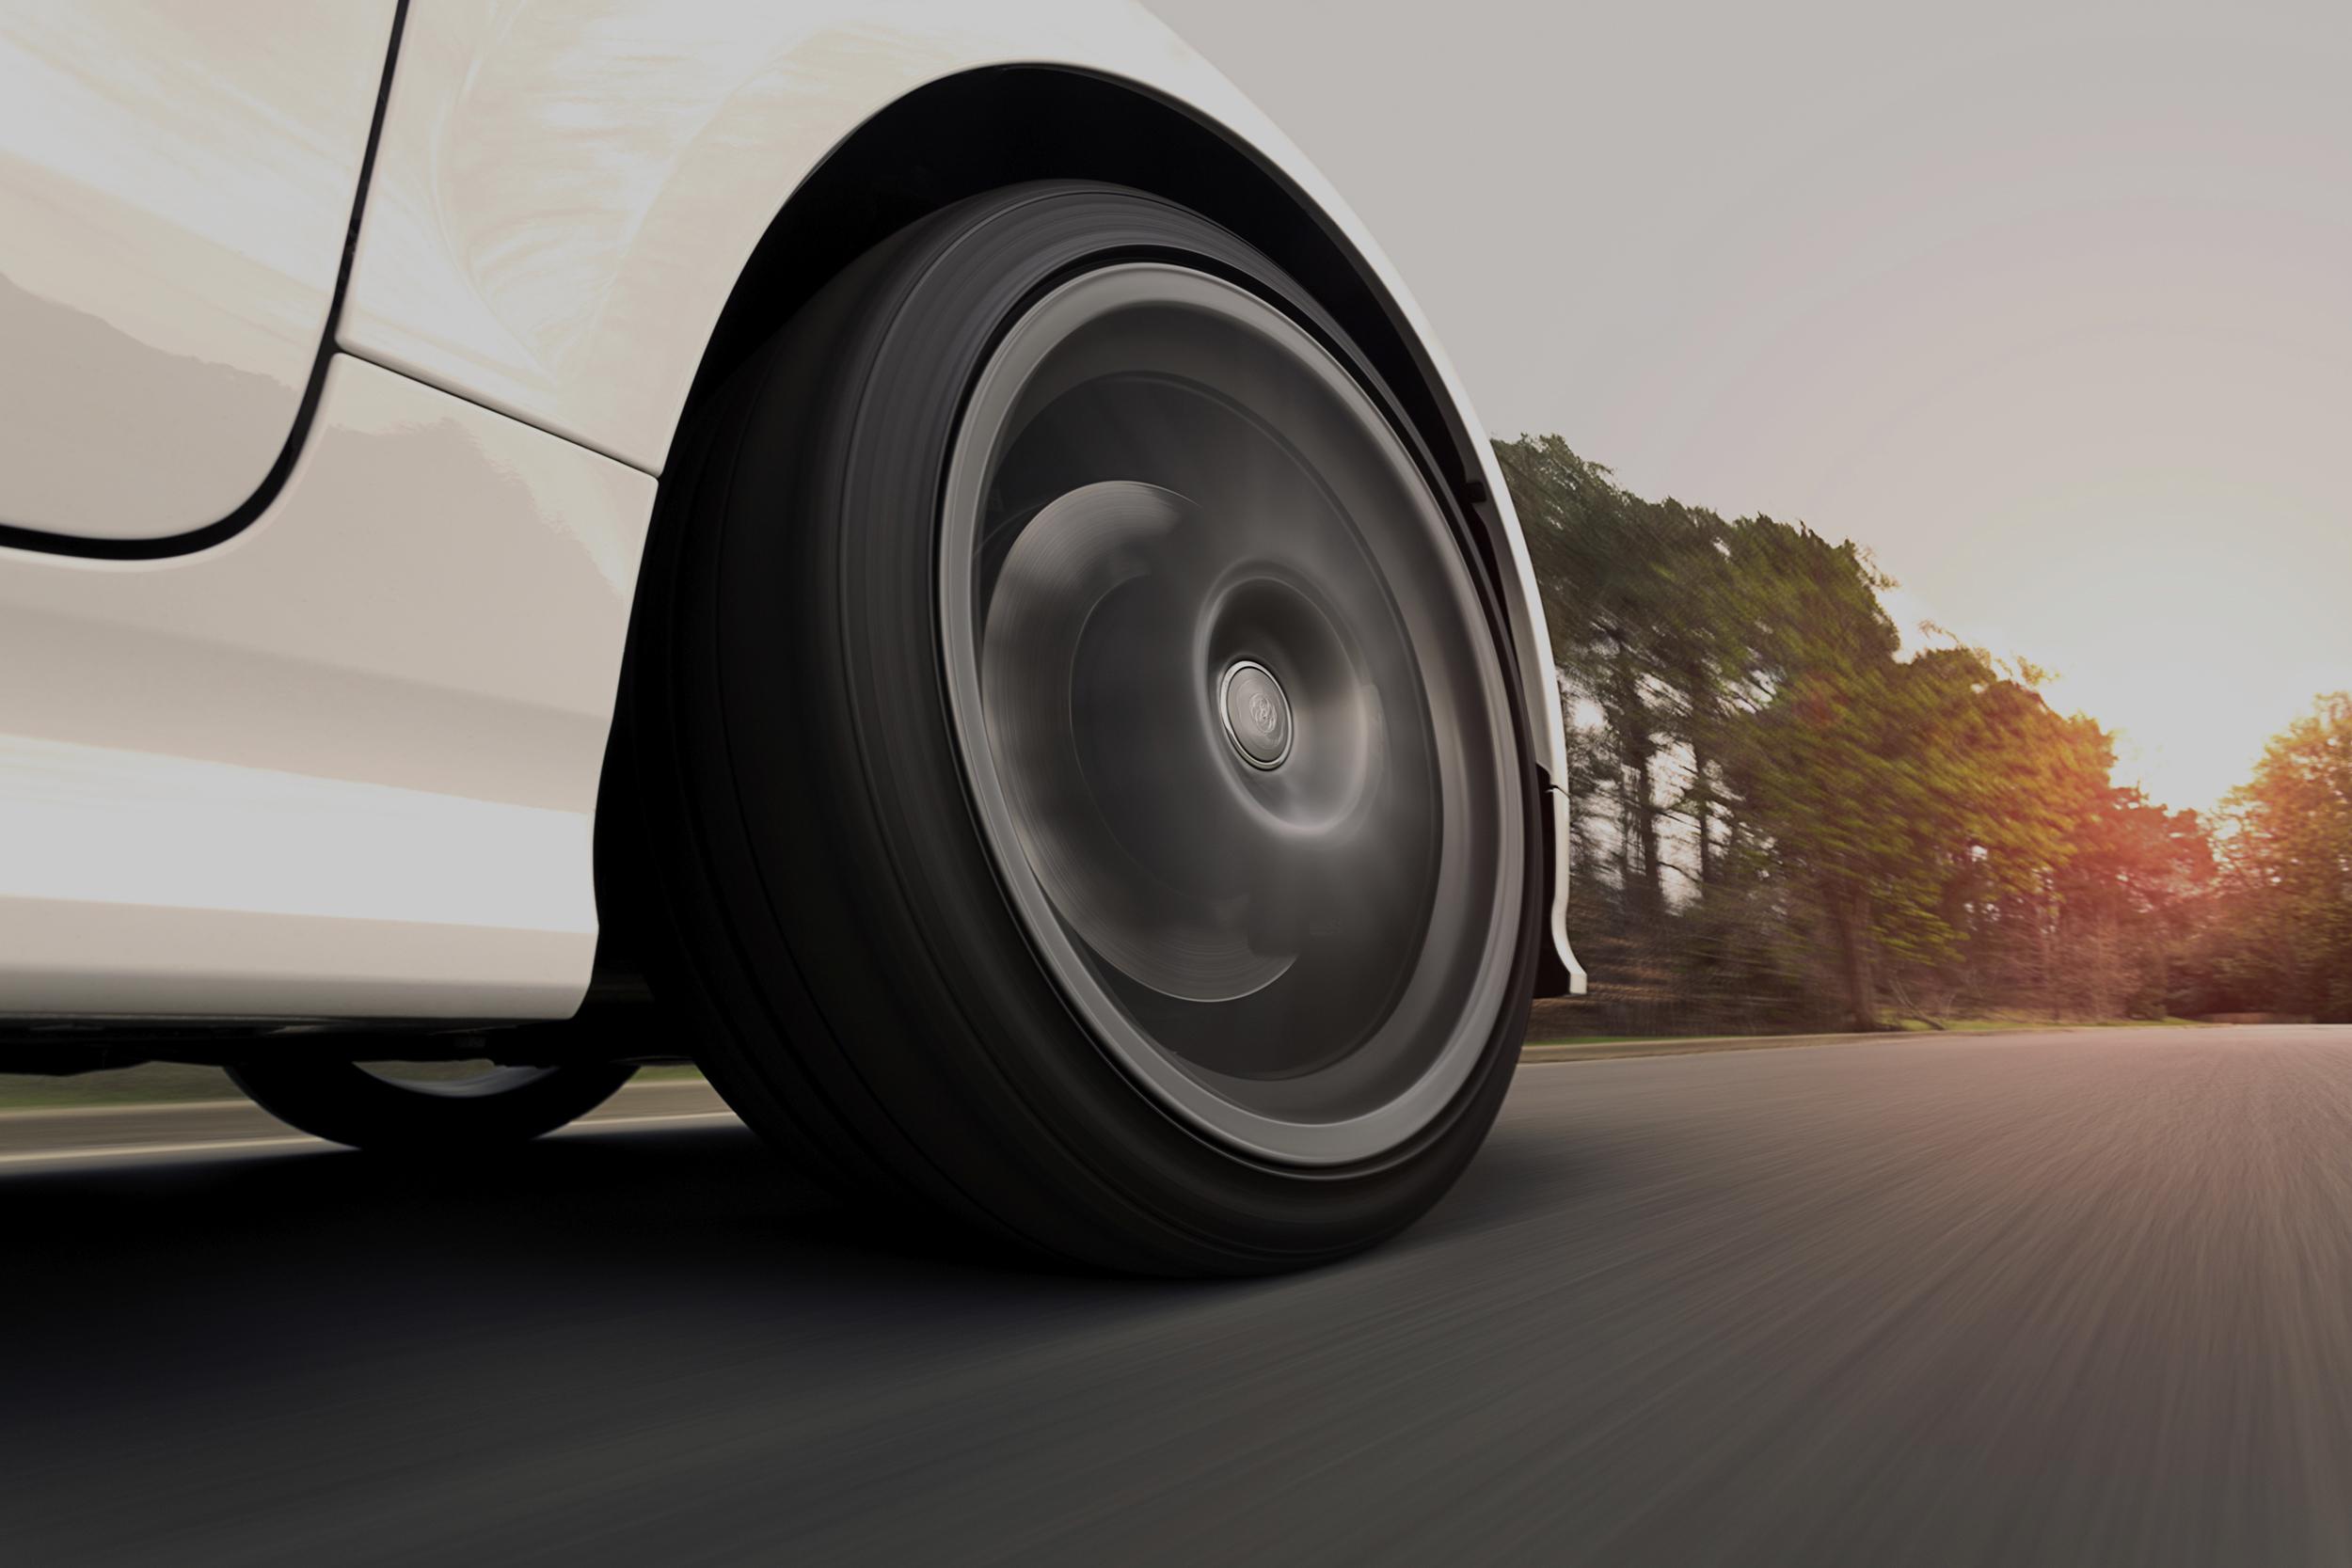 vista dall'asfalto di una macchina in movimento